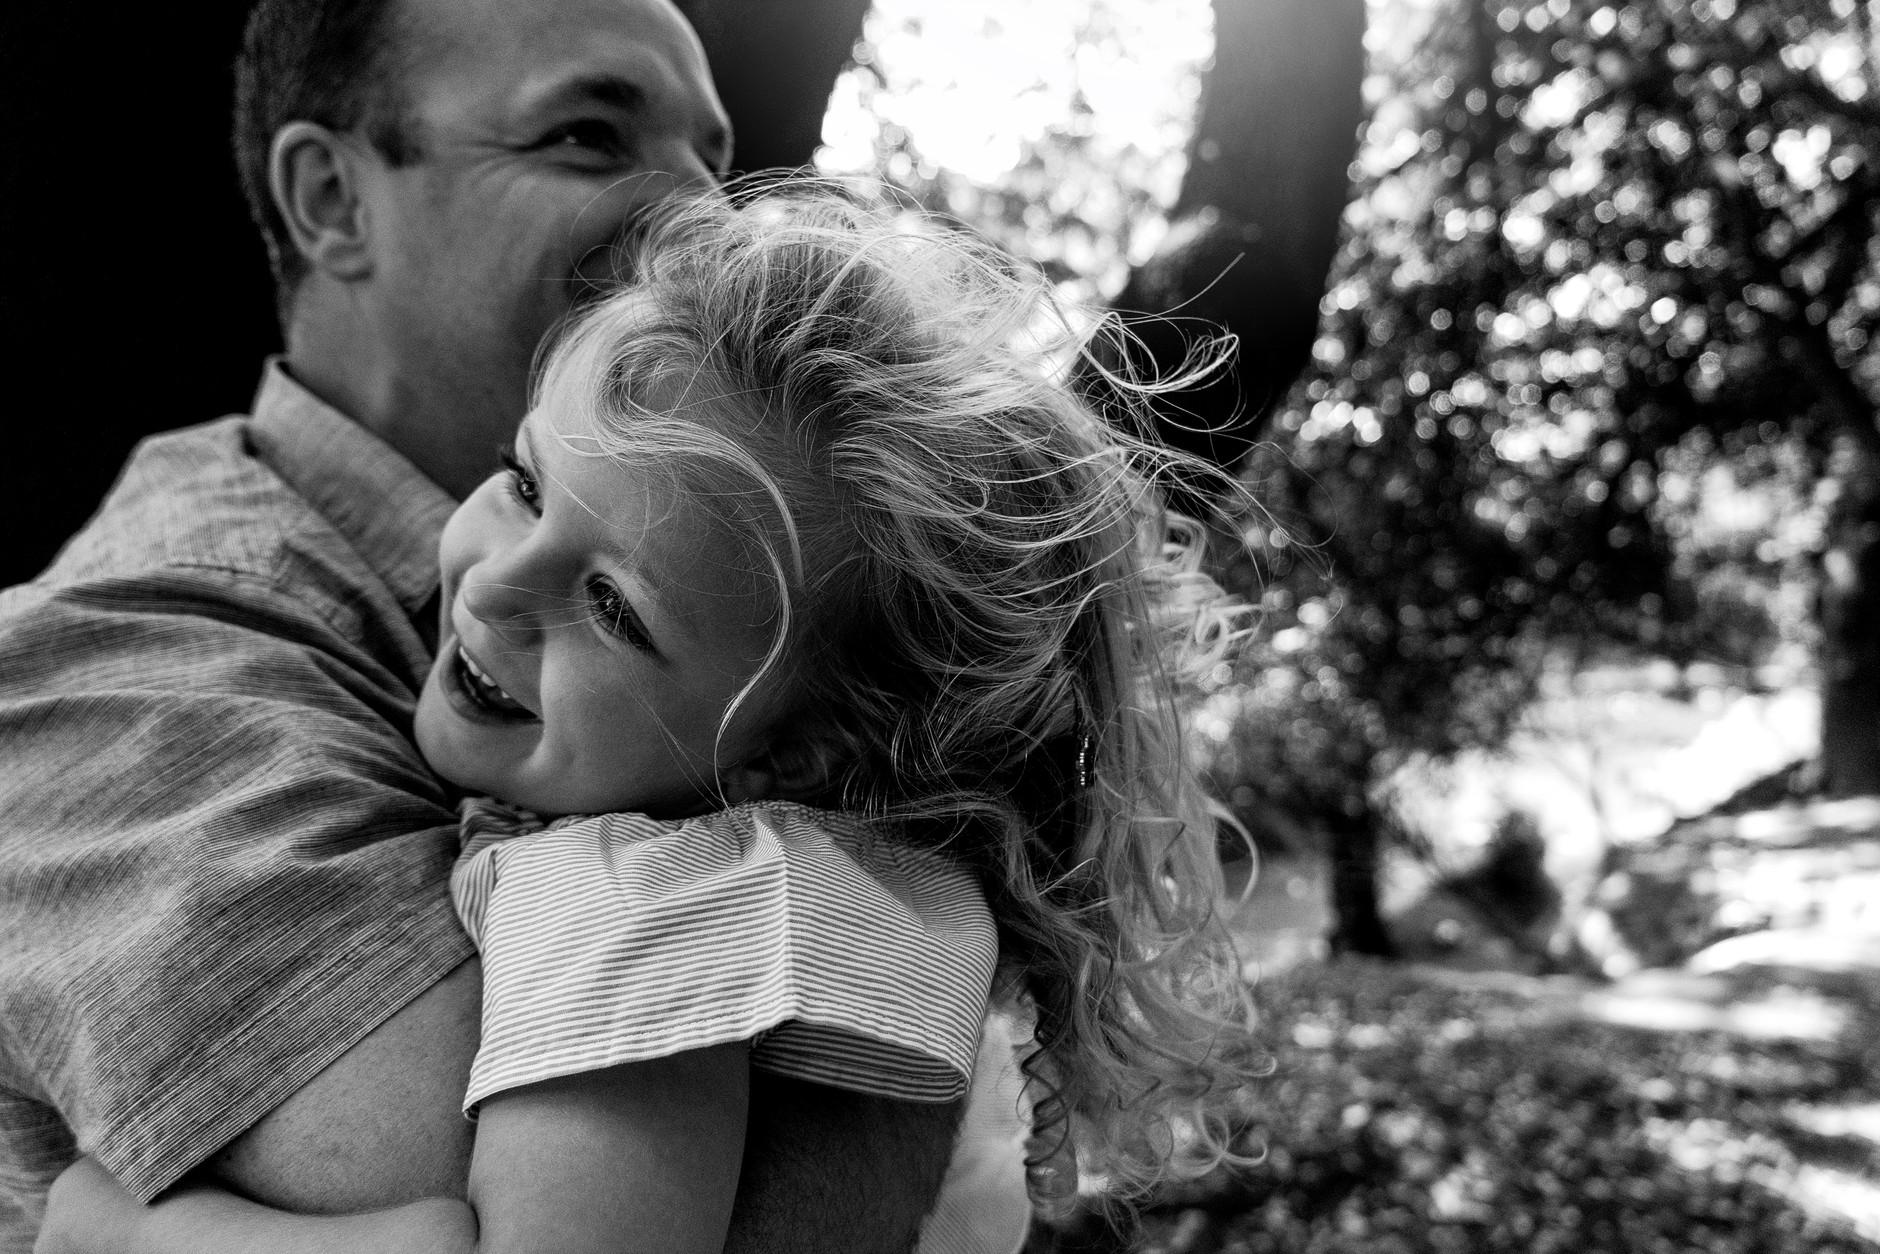 Dad hugging his laughing daughter